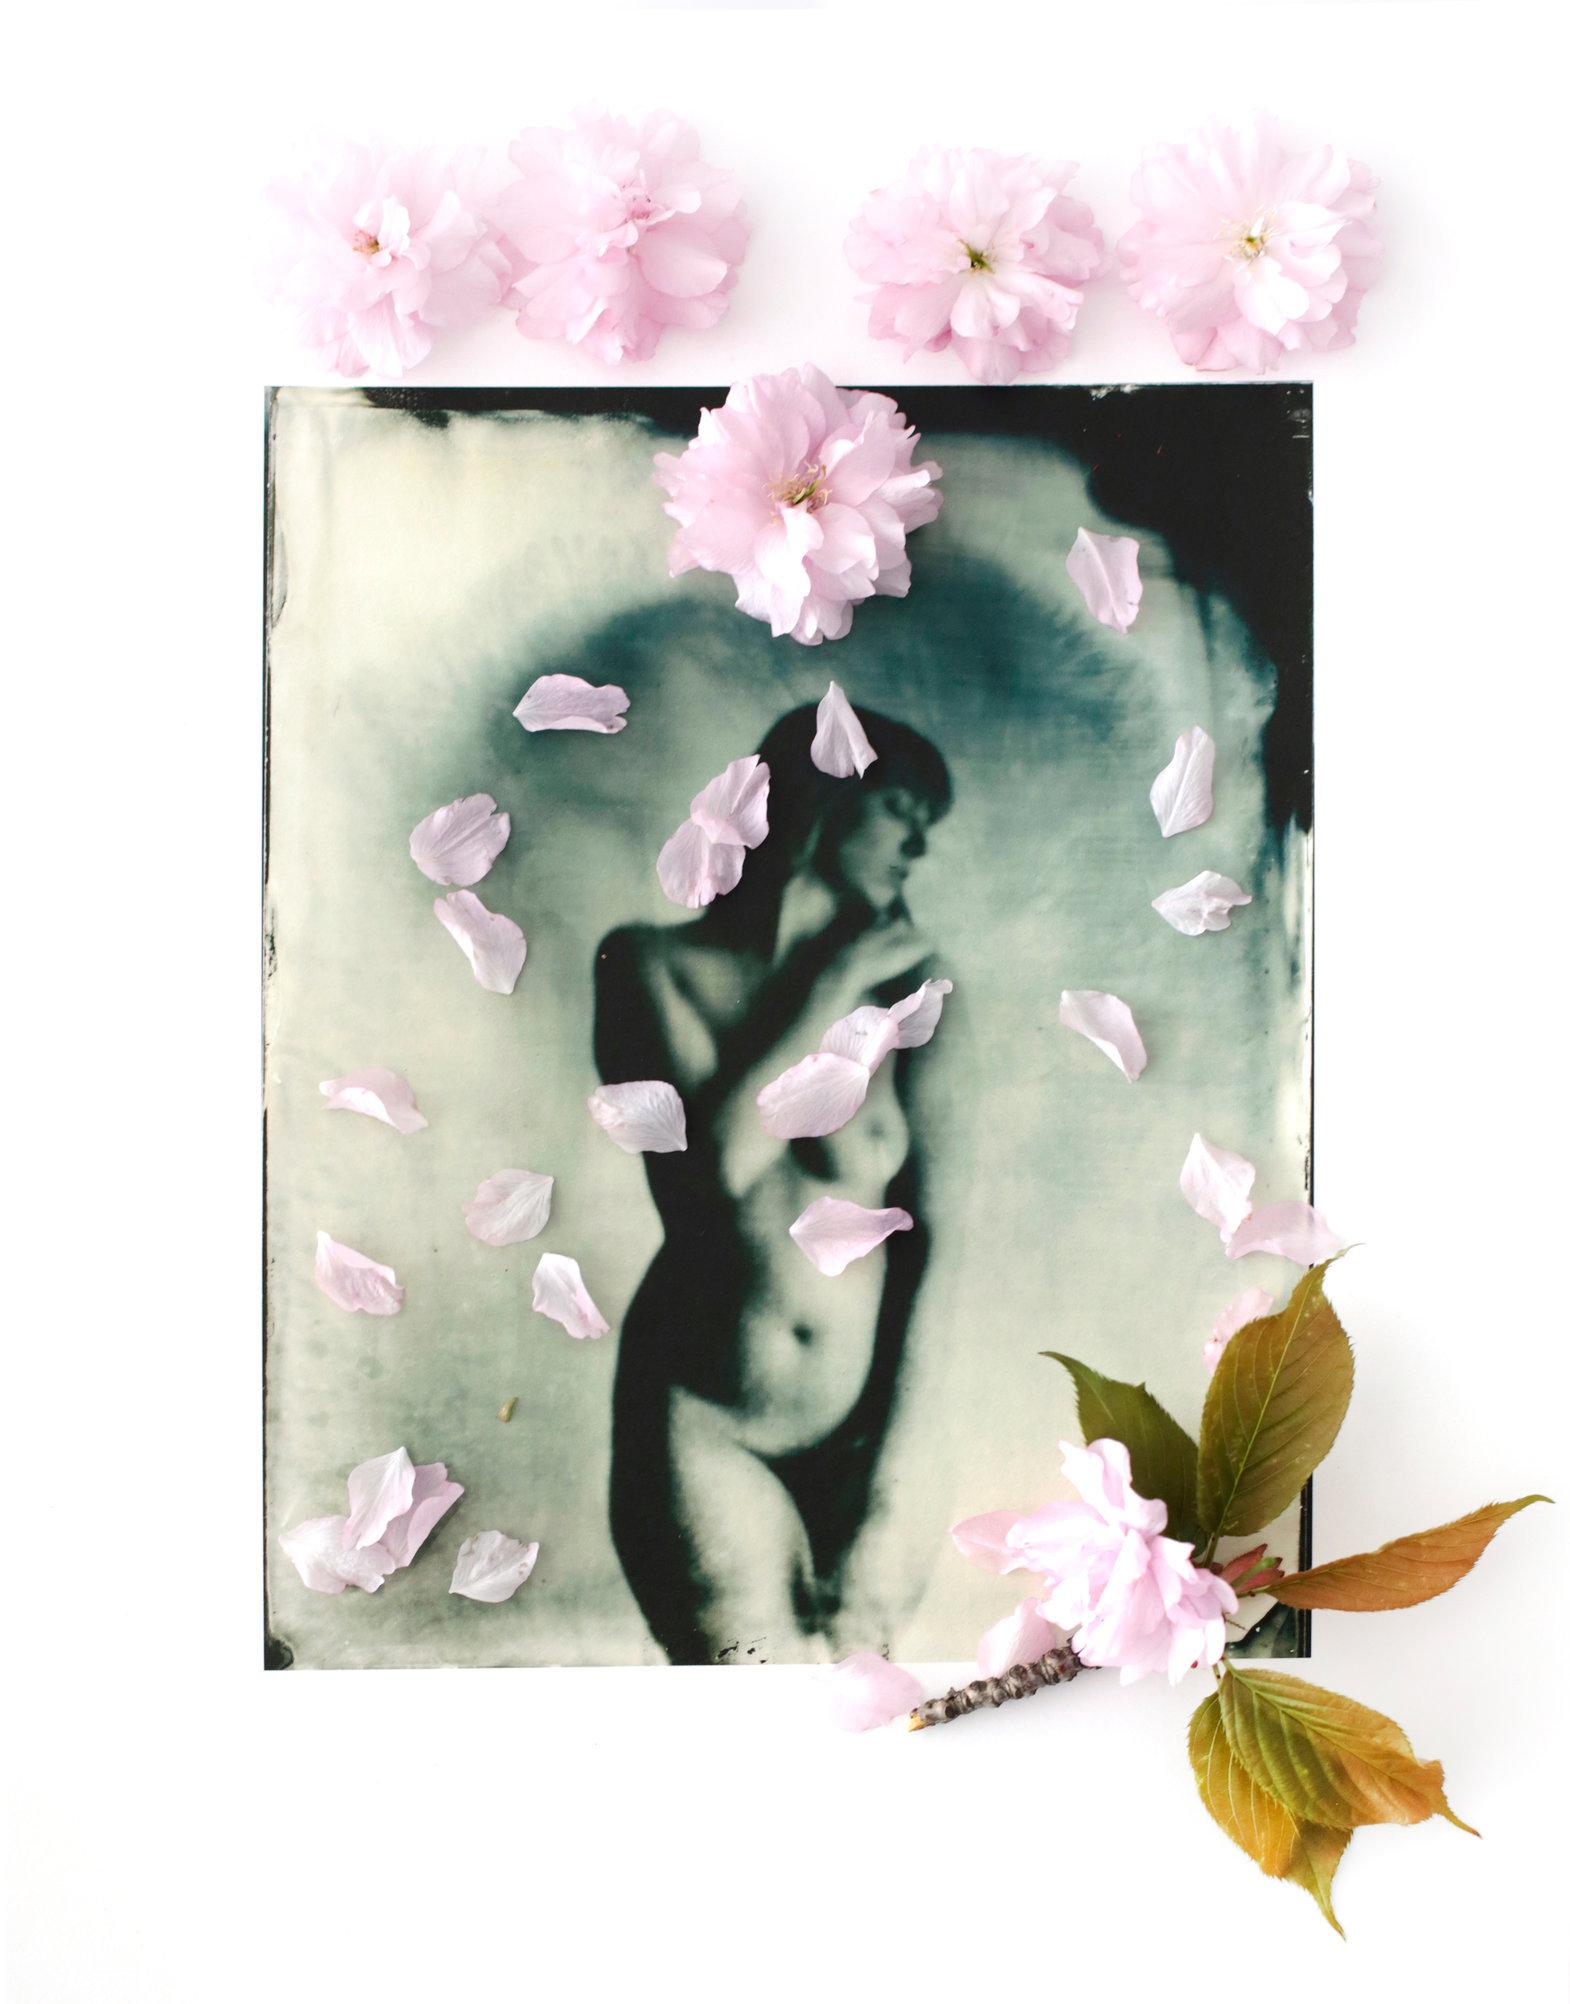 FLOWERS_1_053.JPG